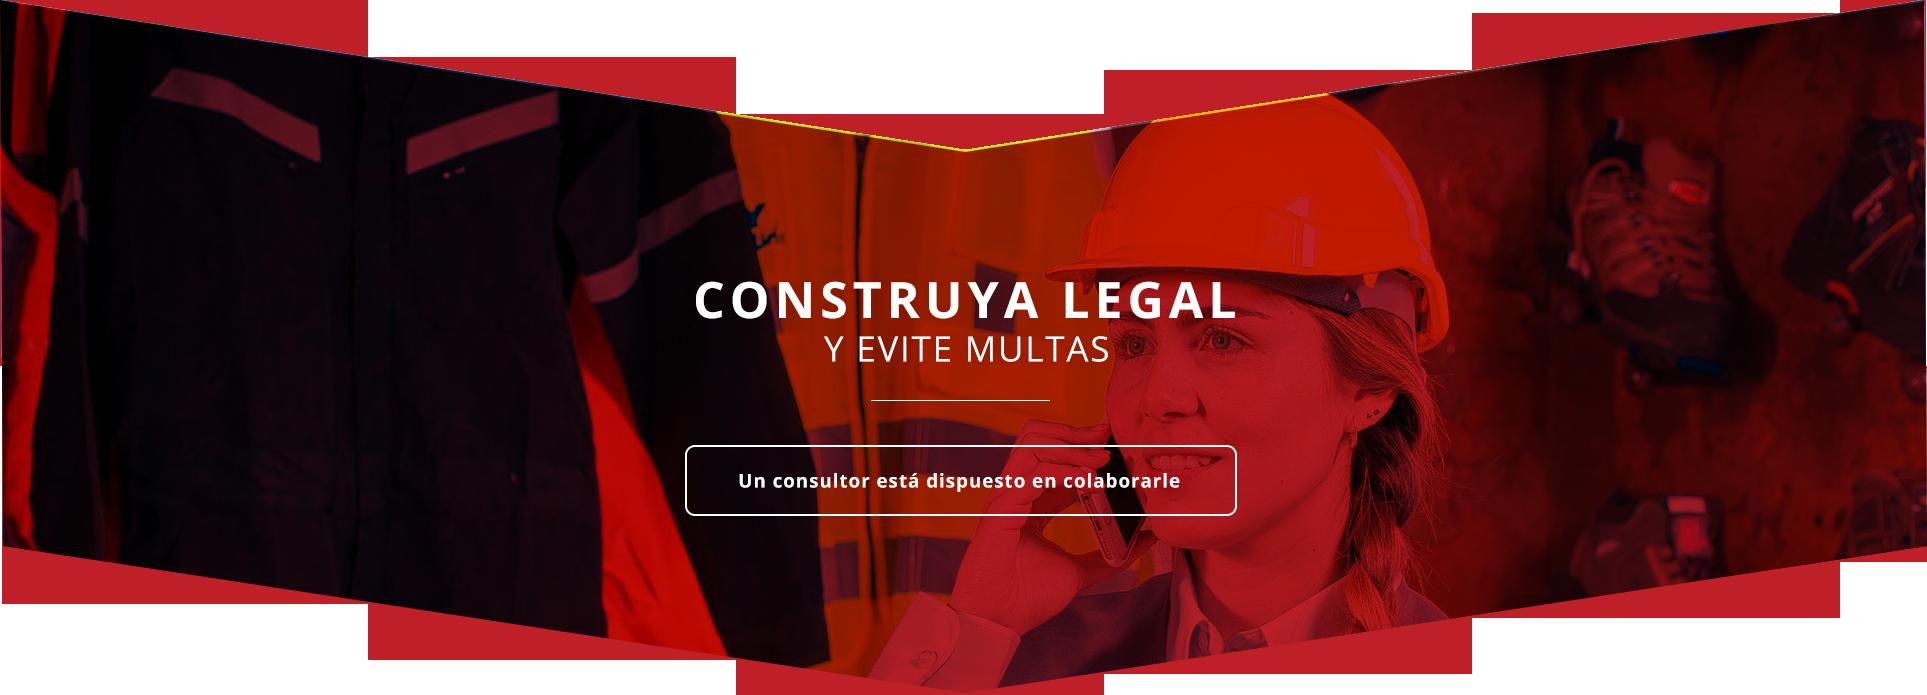 Licencia de construcci n empresas ingearq for Construccion empresa